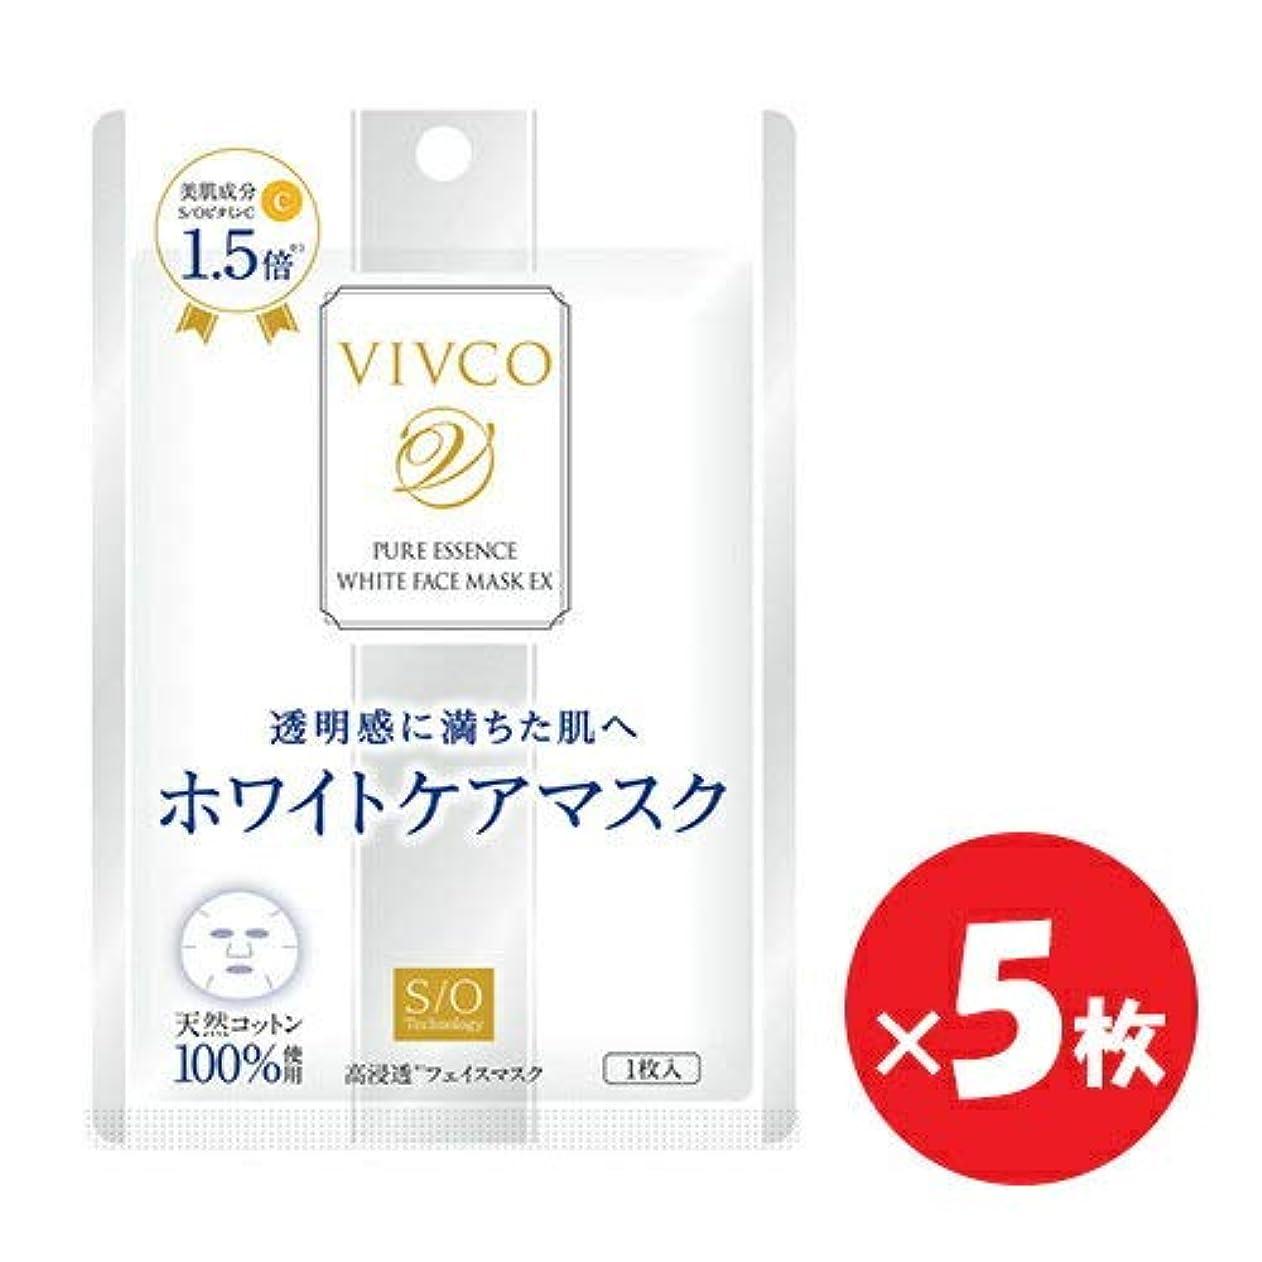 神学校オフセット手書きVIVCO(ヴィヴコ) ピュアエッセンスホワイトフェイスマスク EX 5枚セット